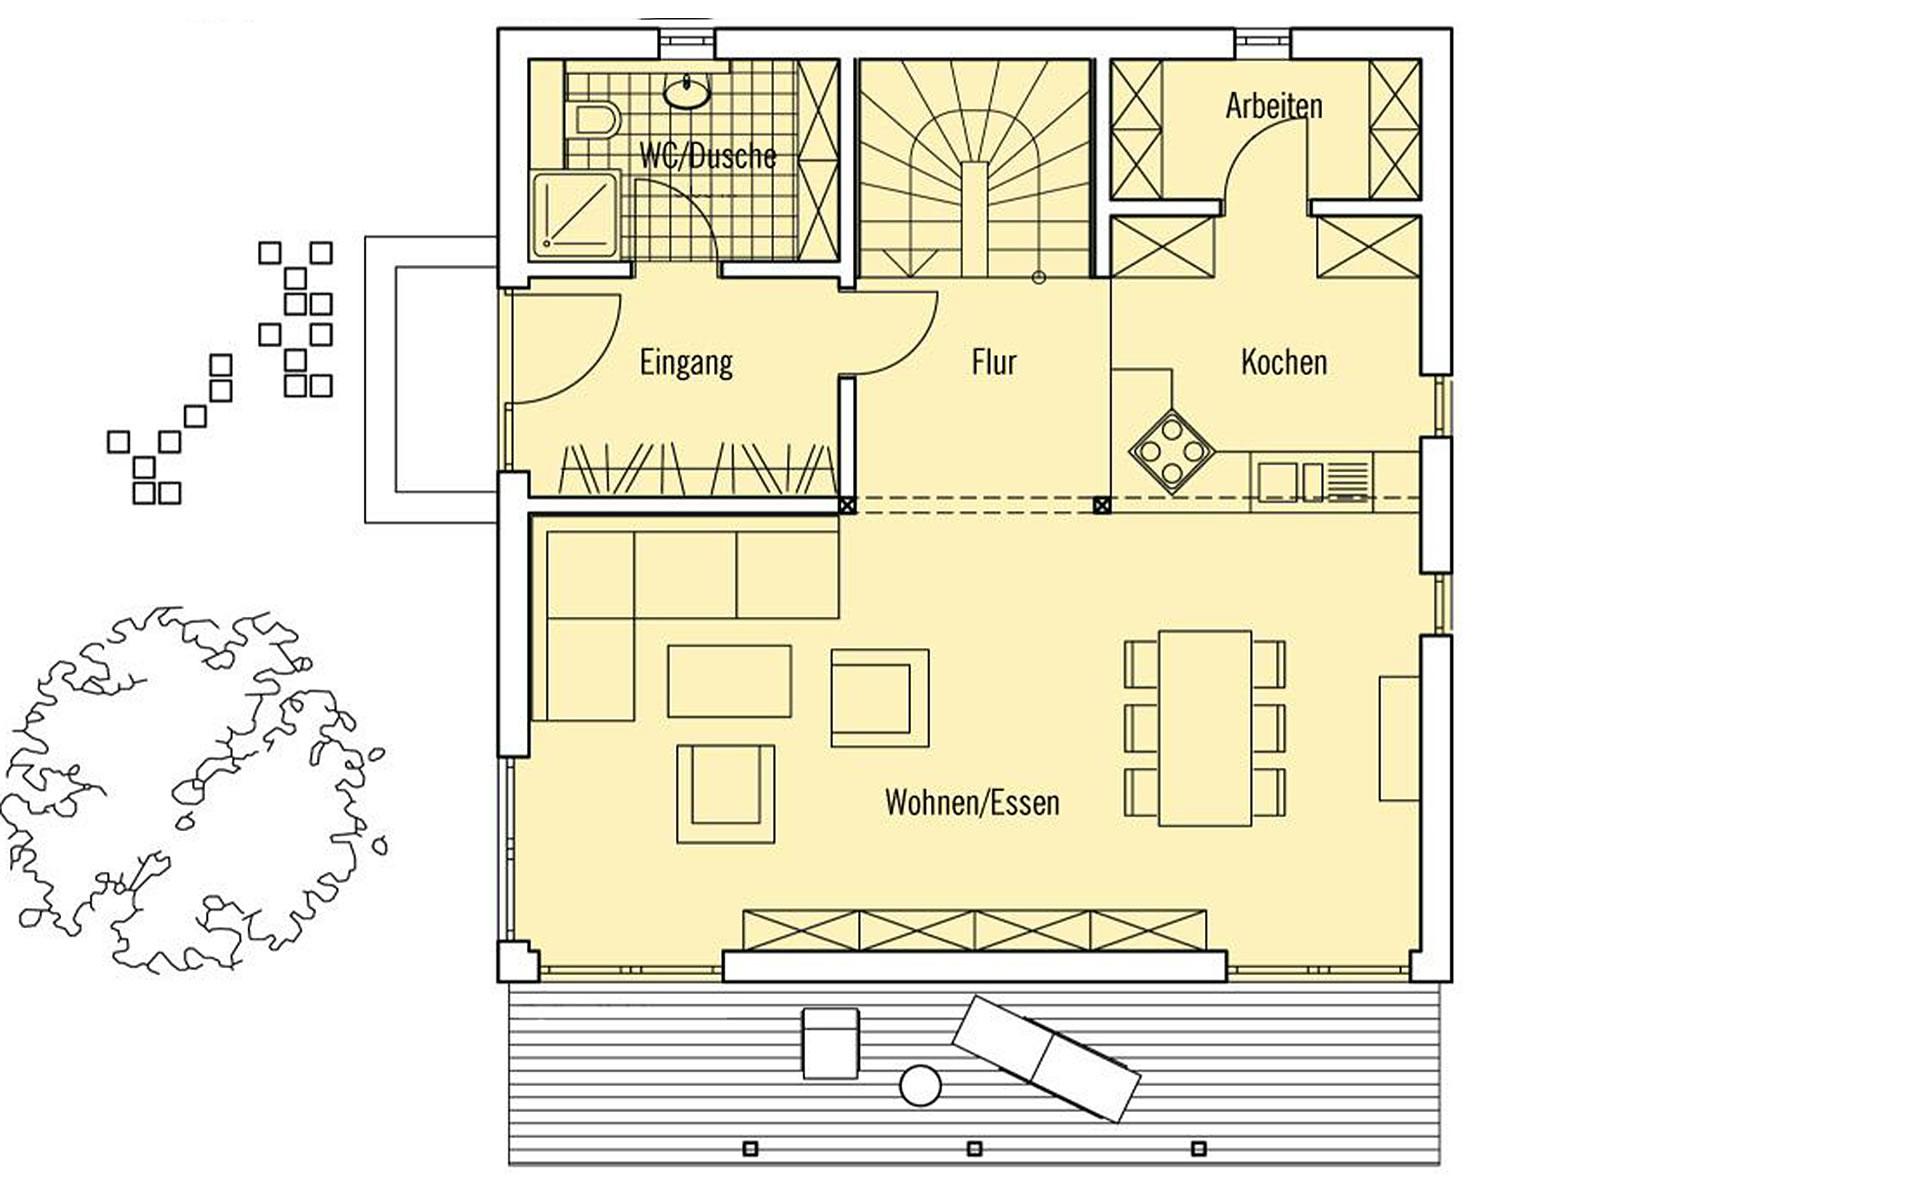 Erdgeschoss PlanMit: Stadthaus von Bau-Fritz GmbH & Co. KG, seit 1896